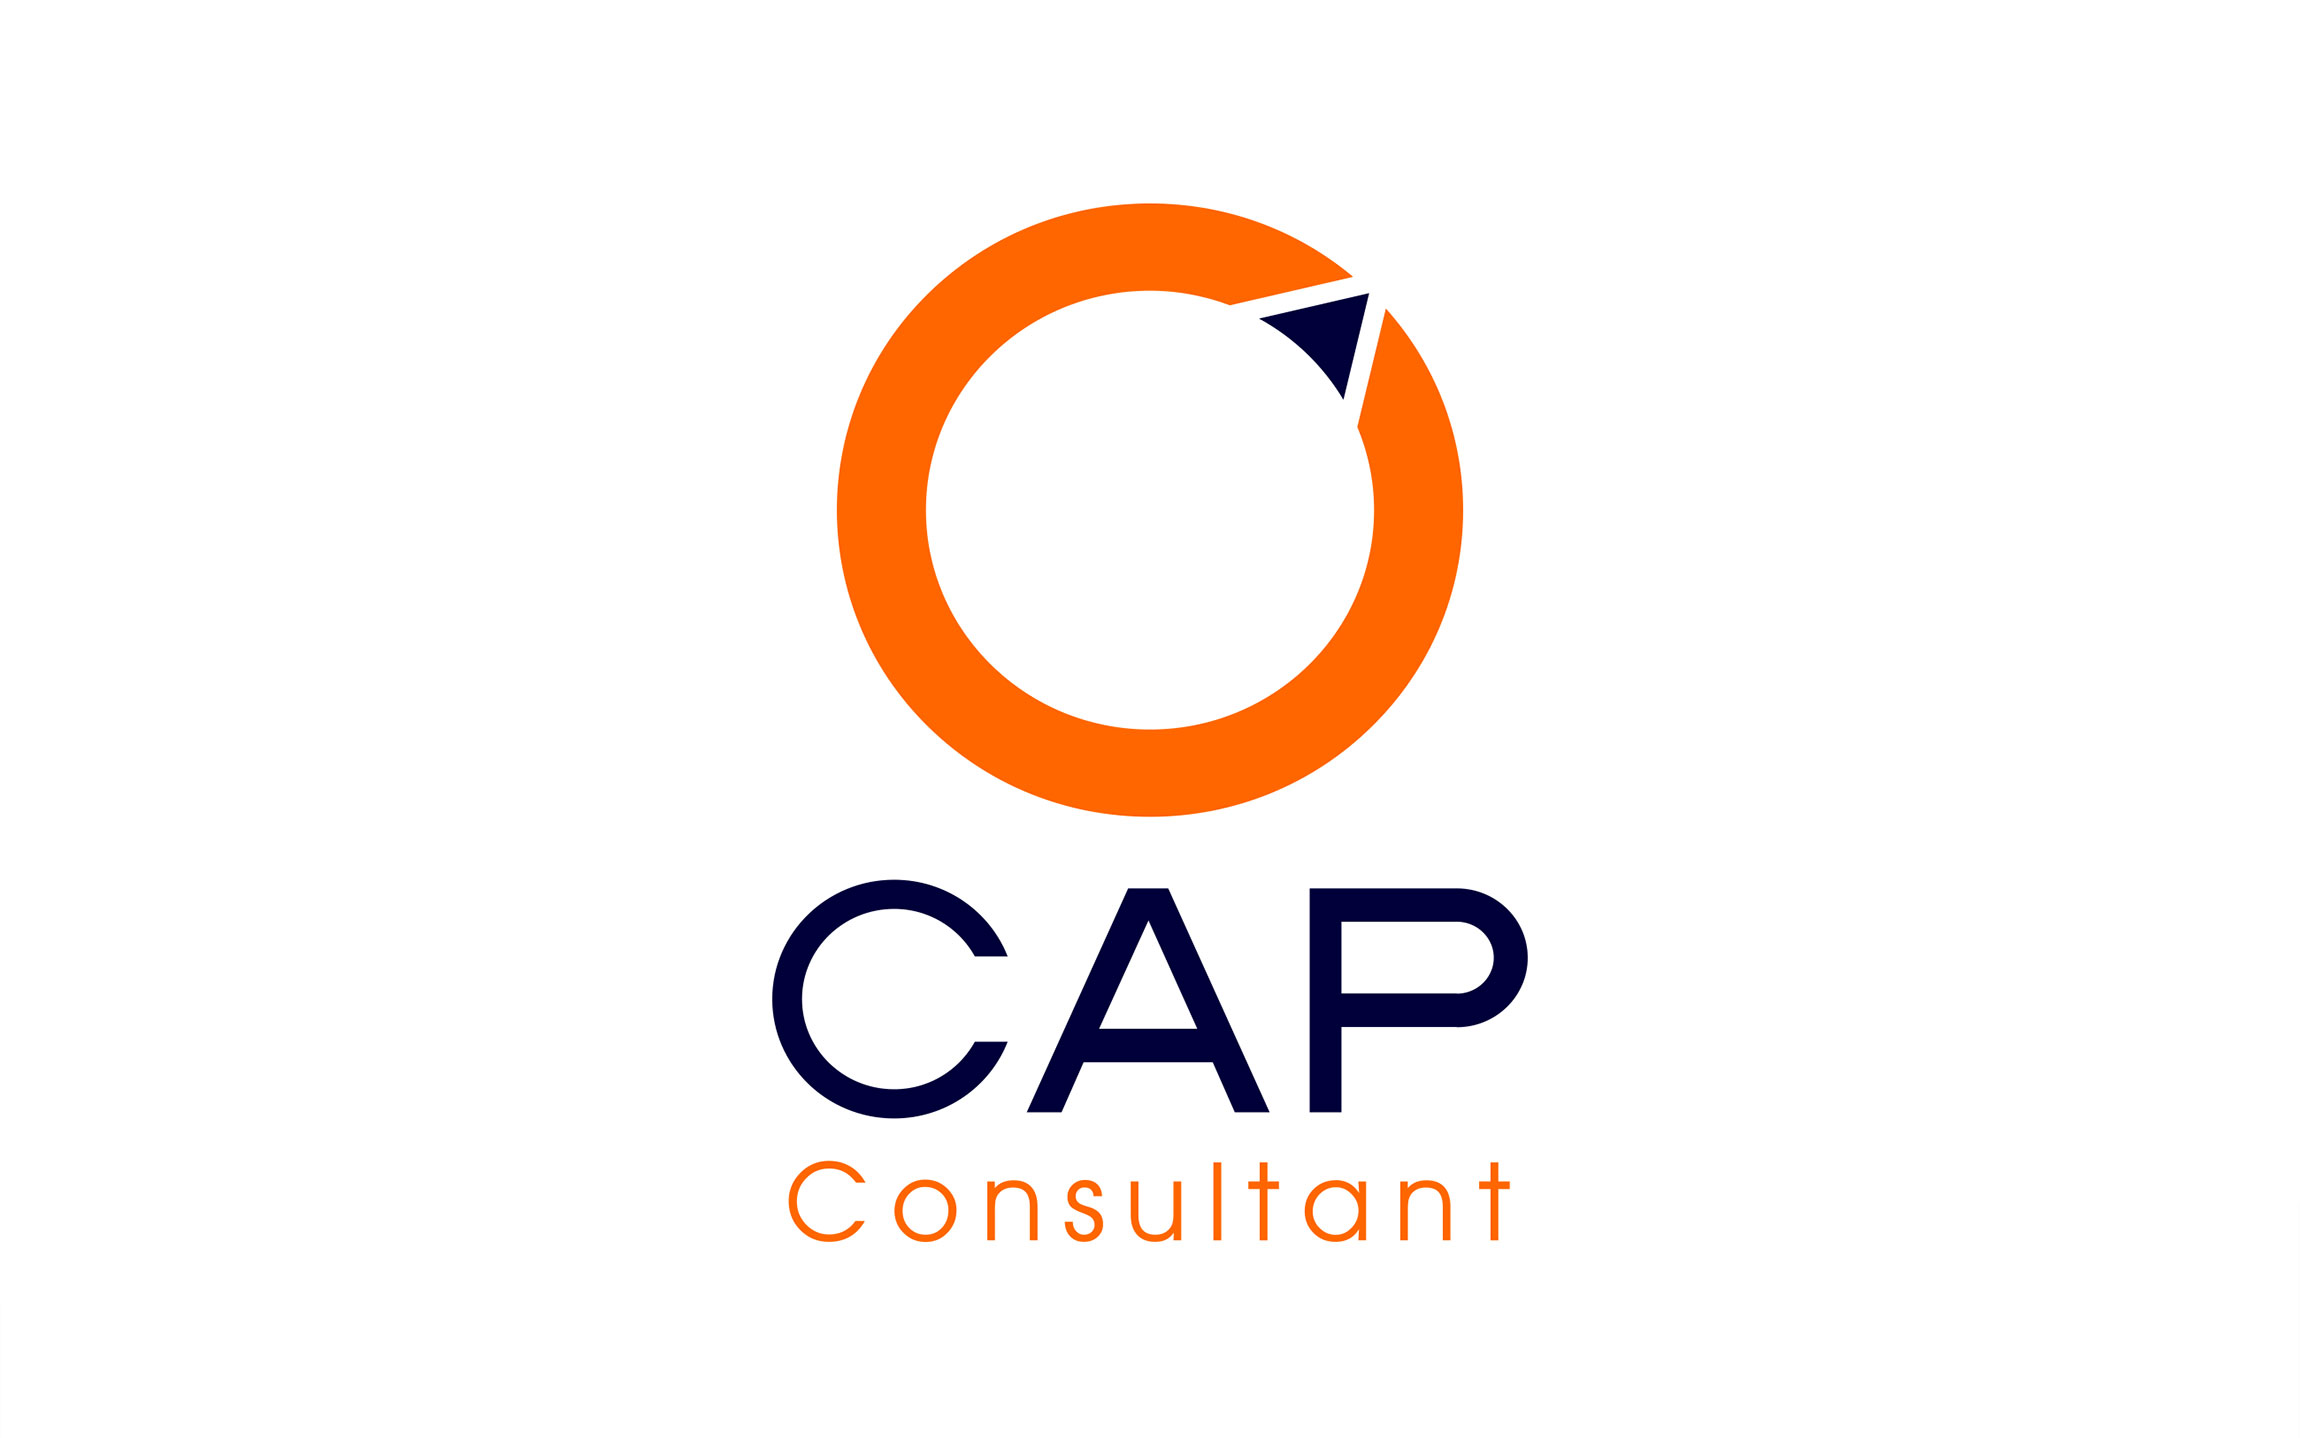 Création logo CAP CONSULTANT